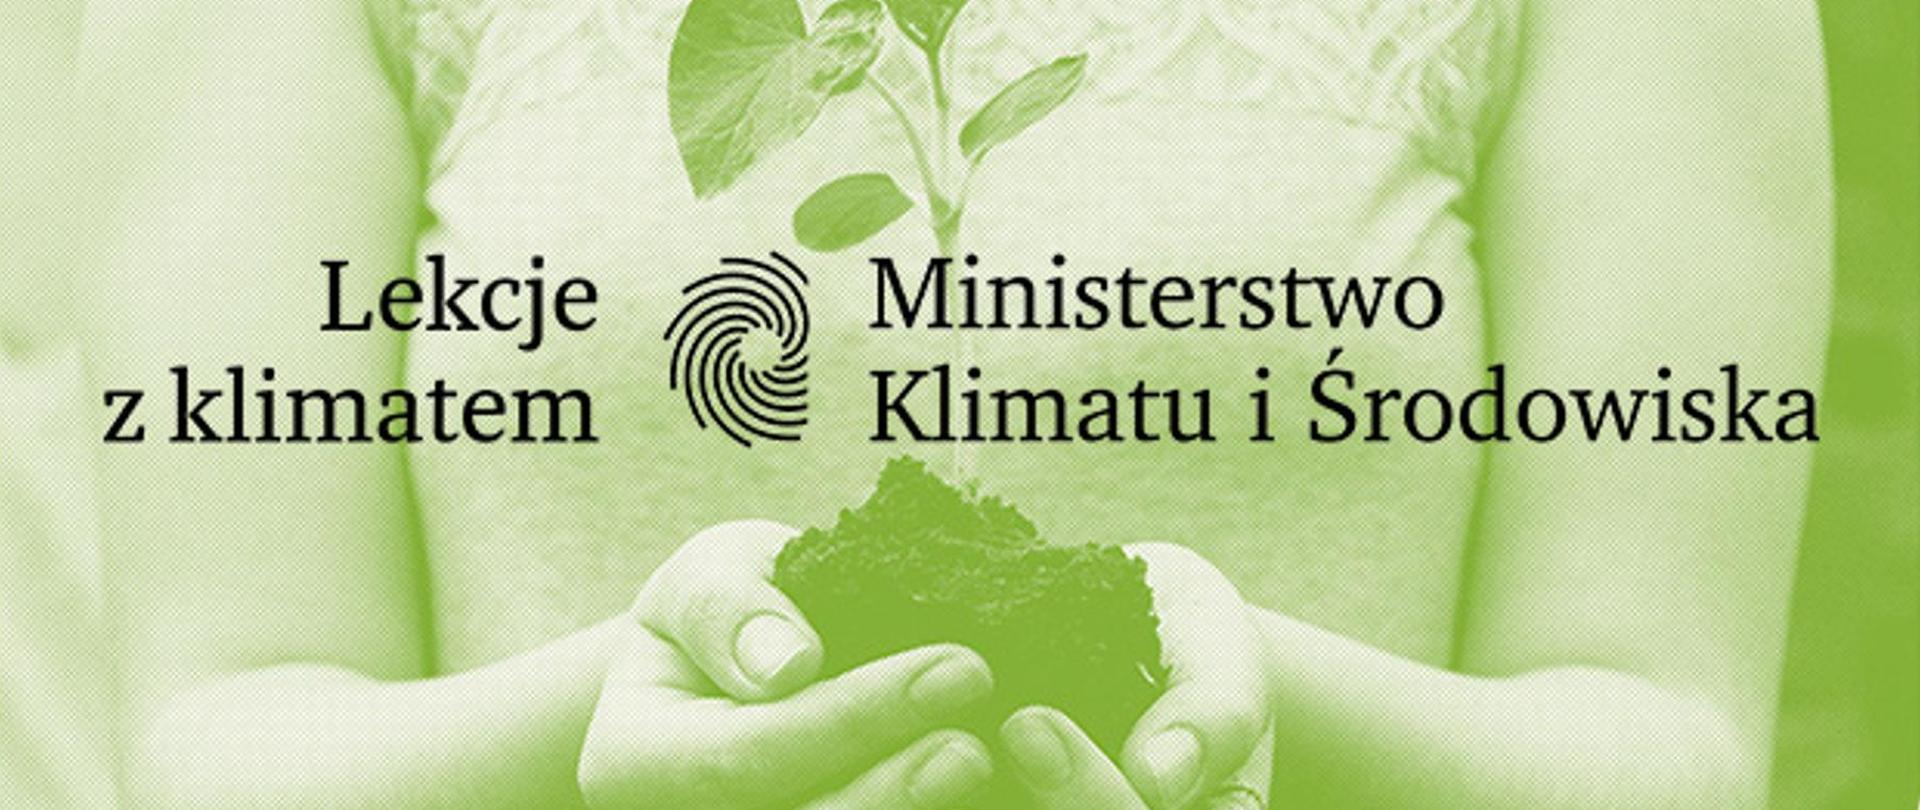 Zbliżenie nadłonie osoby, którawrękach trzyma sadzonkę rośliny. Całość prześwietlona zielonym światłem. Napis naśrodku Lekcje zklimatem Ministerstwo Klimatu iŚrodowiska